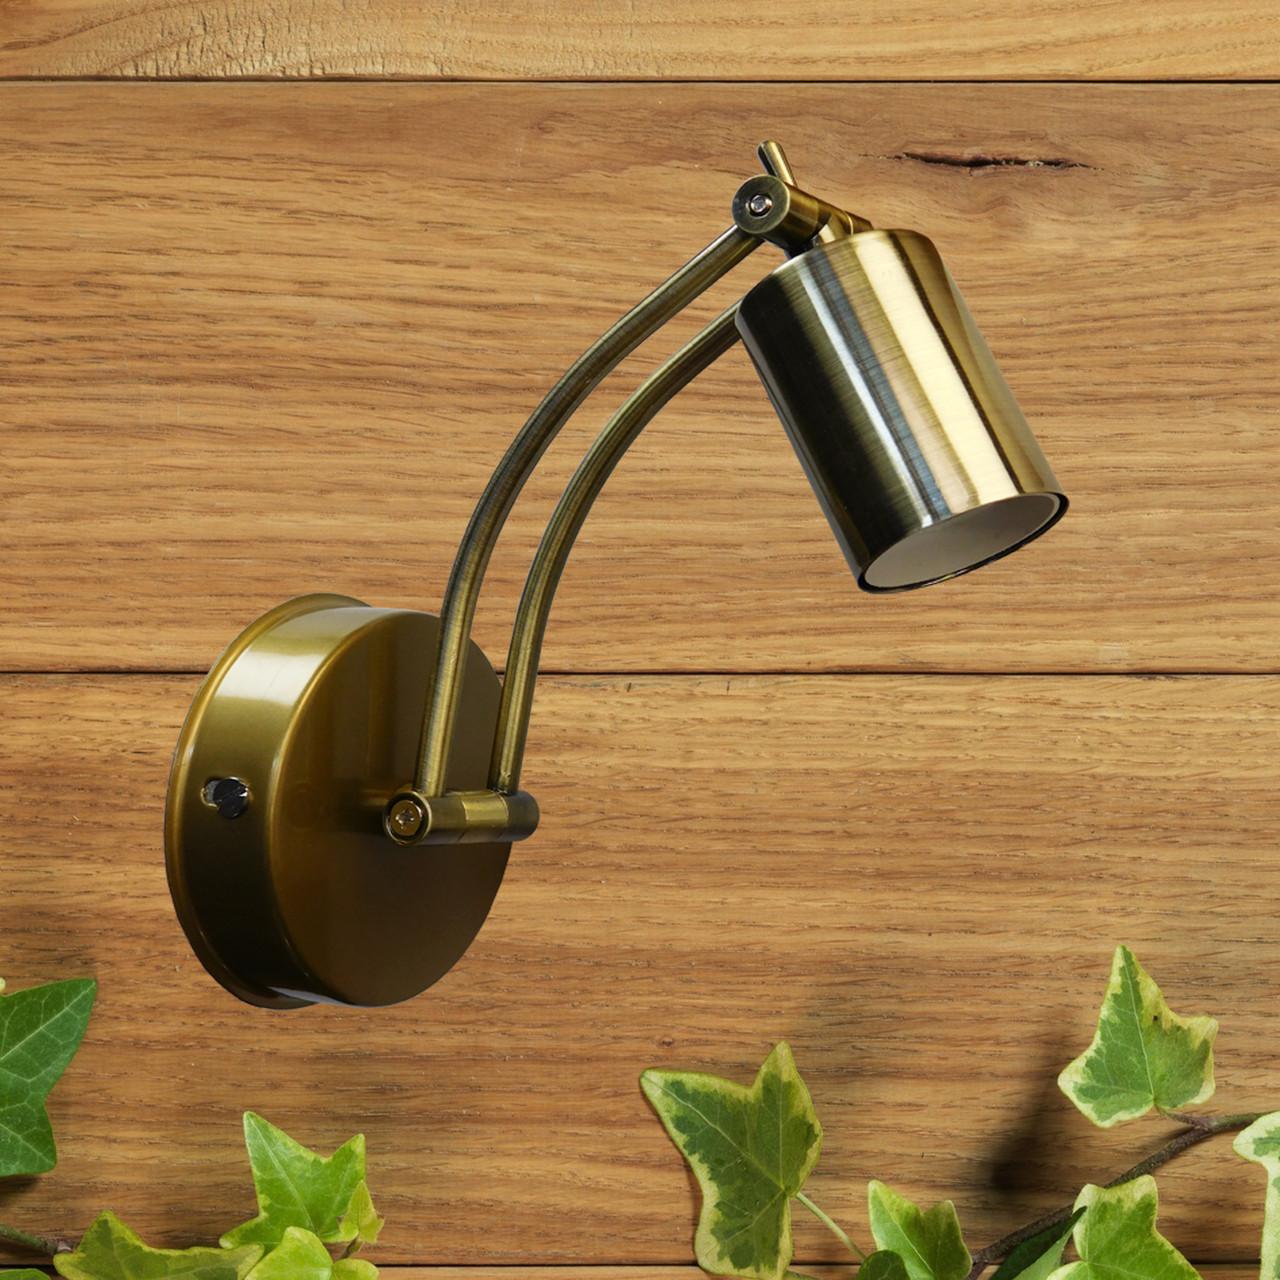 """Настенный светильник, спот поворотный, потолочная лампа, на одну лампу, золотистый цвет """"SWIPE"""""""